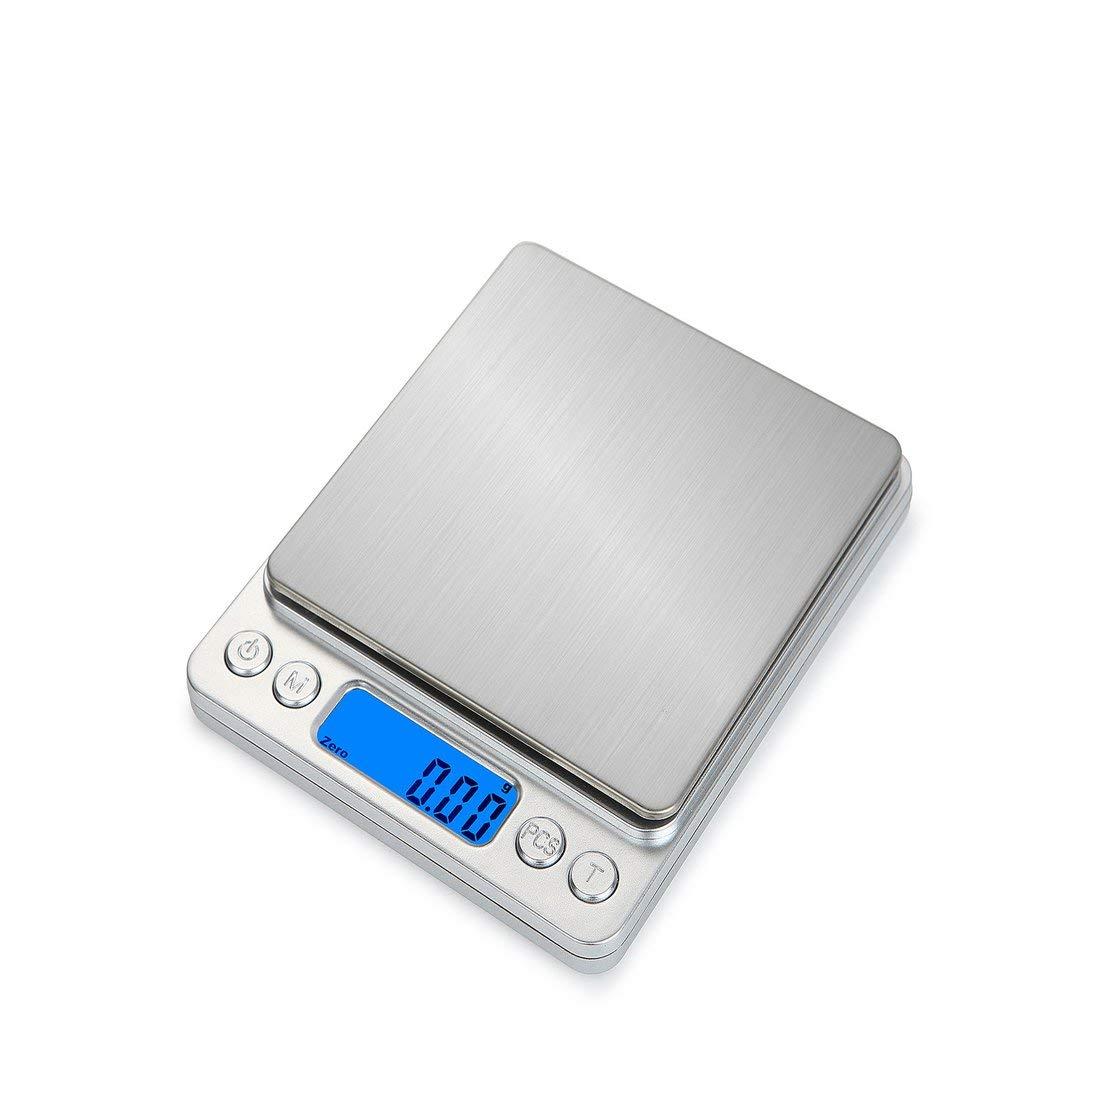 HT-I200 2000g x 0.1g É cran LCD portable en acier inoxydable portable Balances alimentaires Cuisine Bijoux Poids Balance numé rique Gwendoll